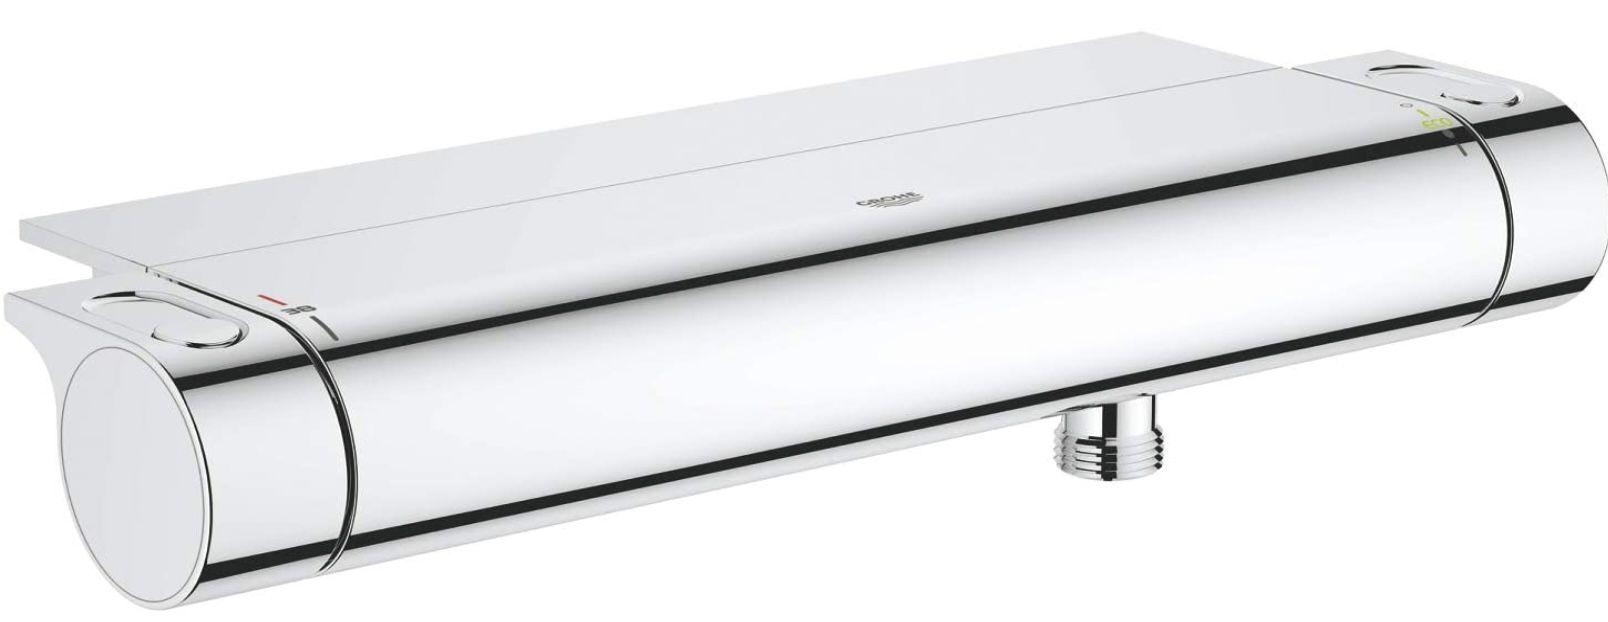 Grohe Grohtherm 2000 Thermostat Brausearmatur mit EasyReach Ablage für 169,99€ (statt 199€)